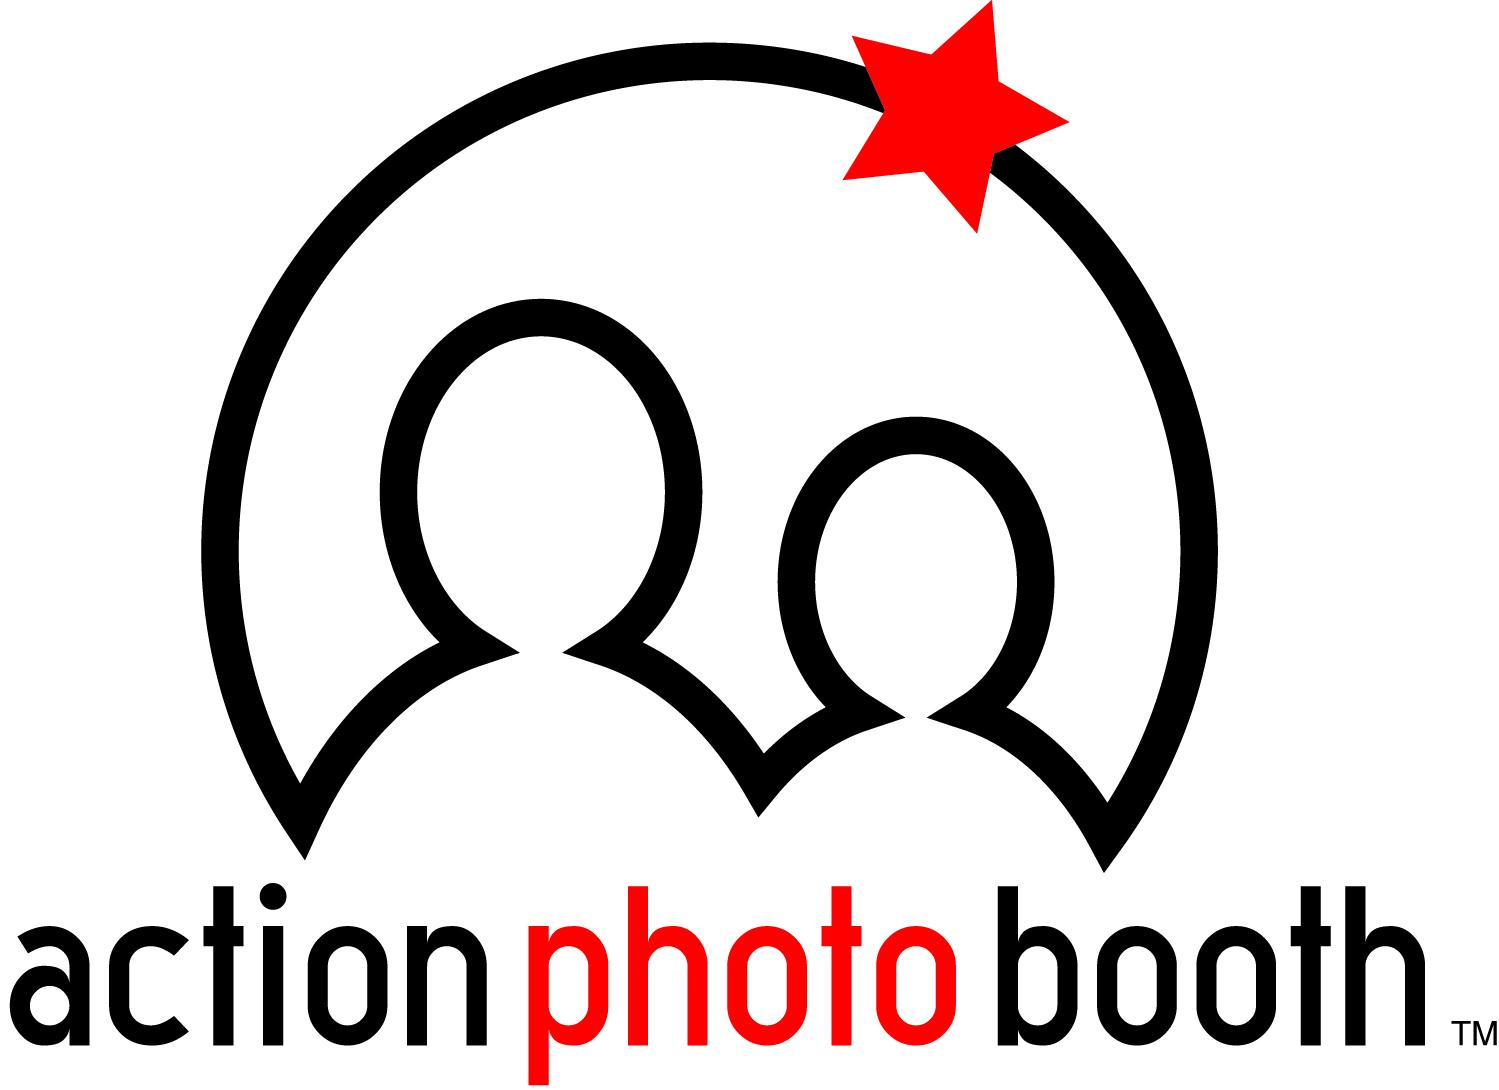 apb_logo_red